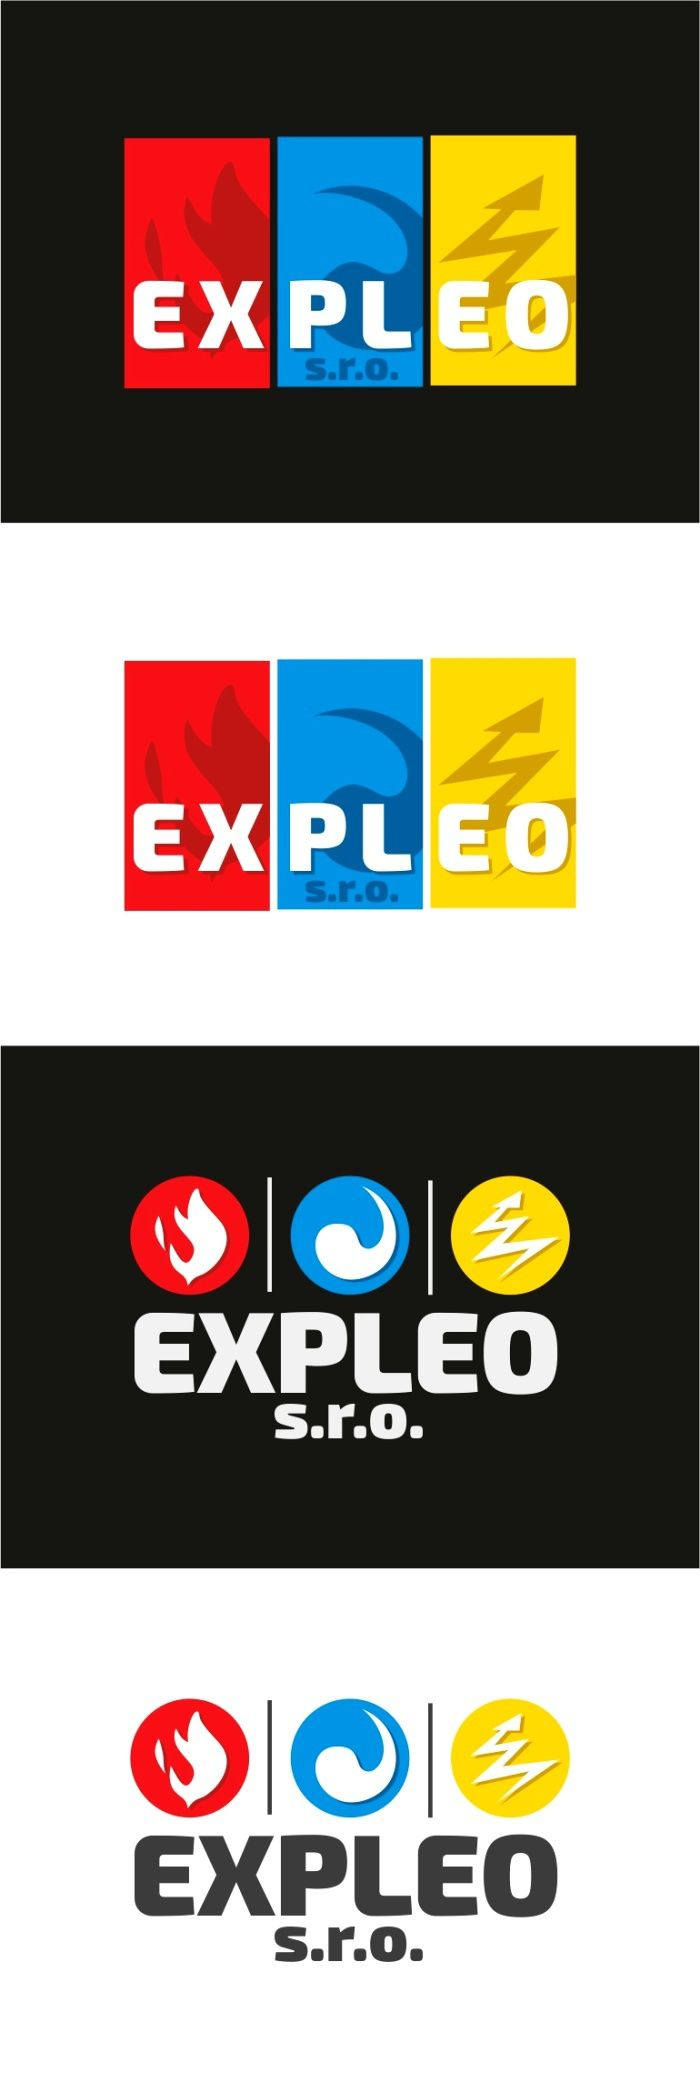 """Podívejte se na můj projekt @Behance: """"logo Expleo - water,  electricity, fire"""" https://www.behance.net/gallery/43341077/logo-Expleo-water-electricity-fire."""